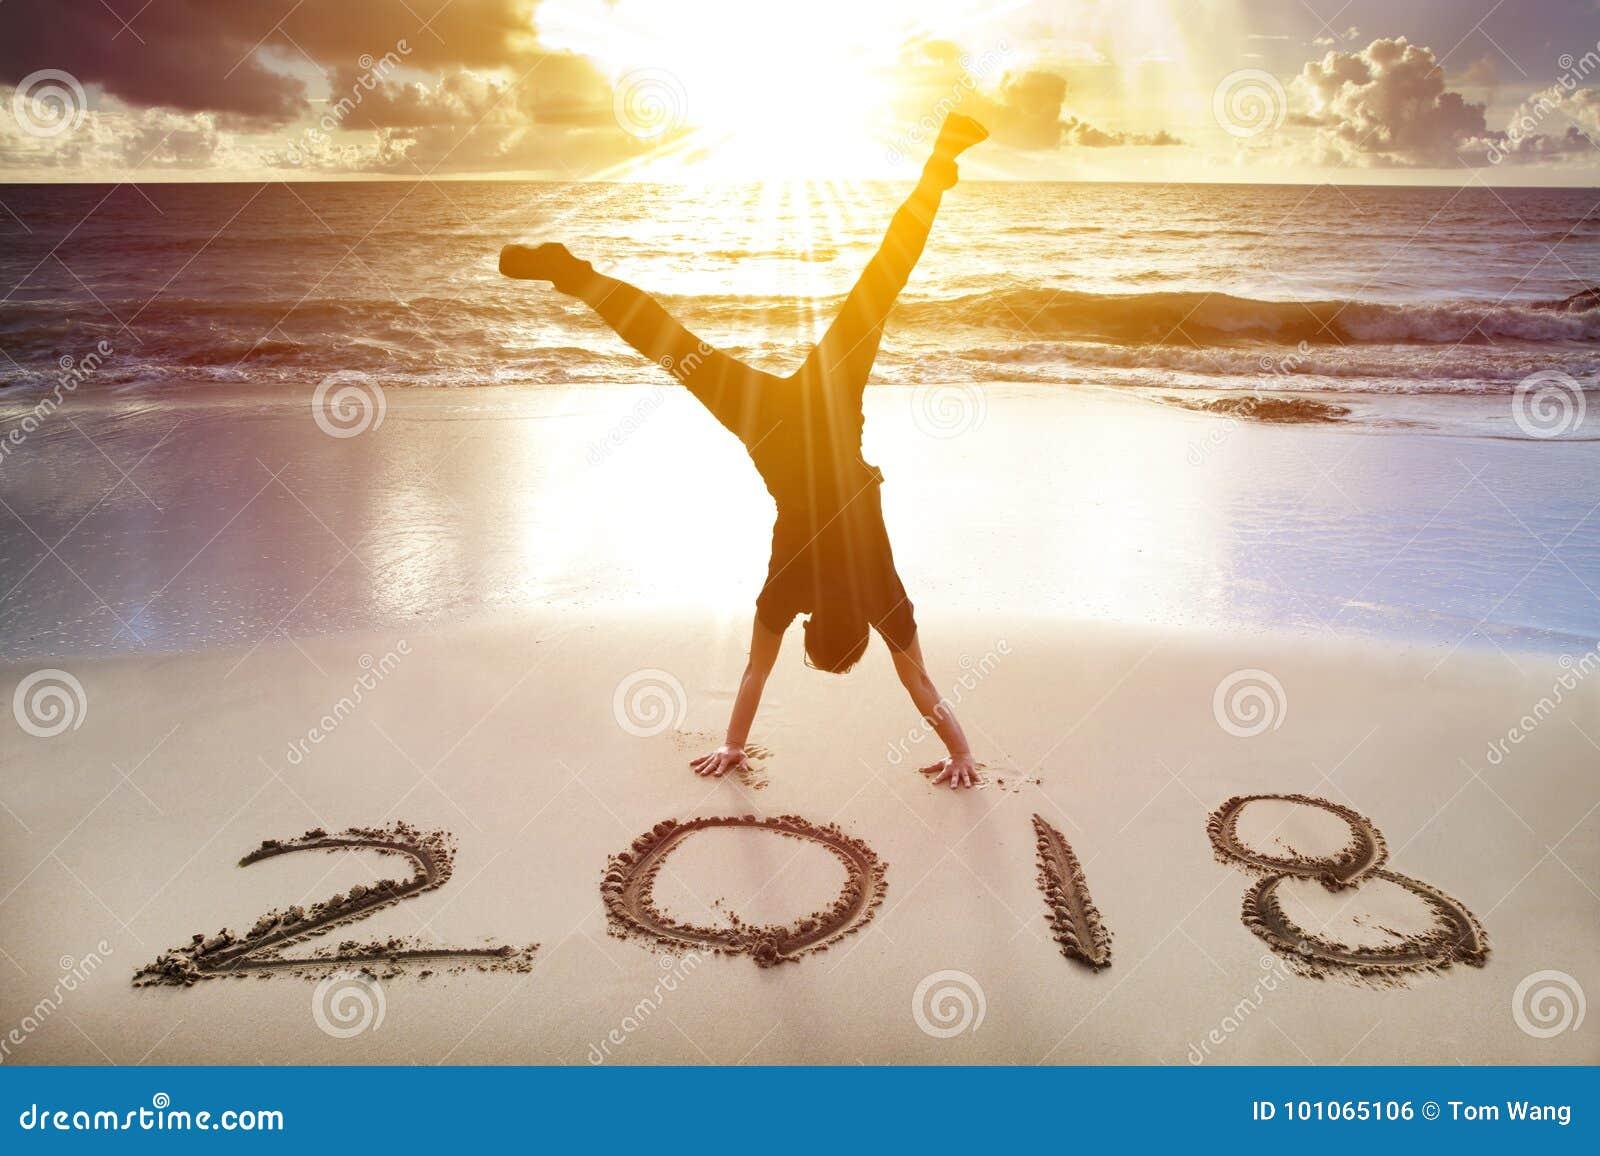 Handstand человека на пляже Счастливая концепция 2018 Нового Года